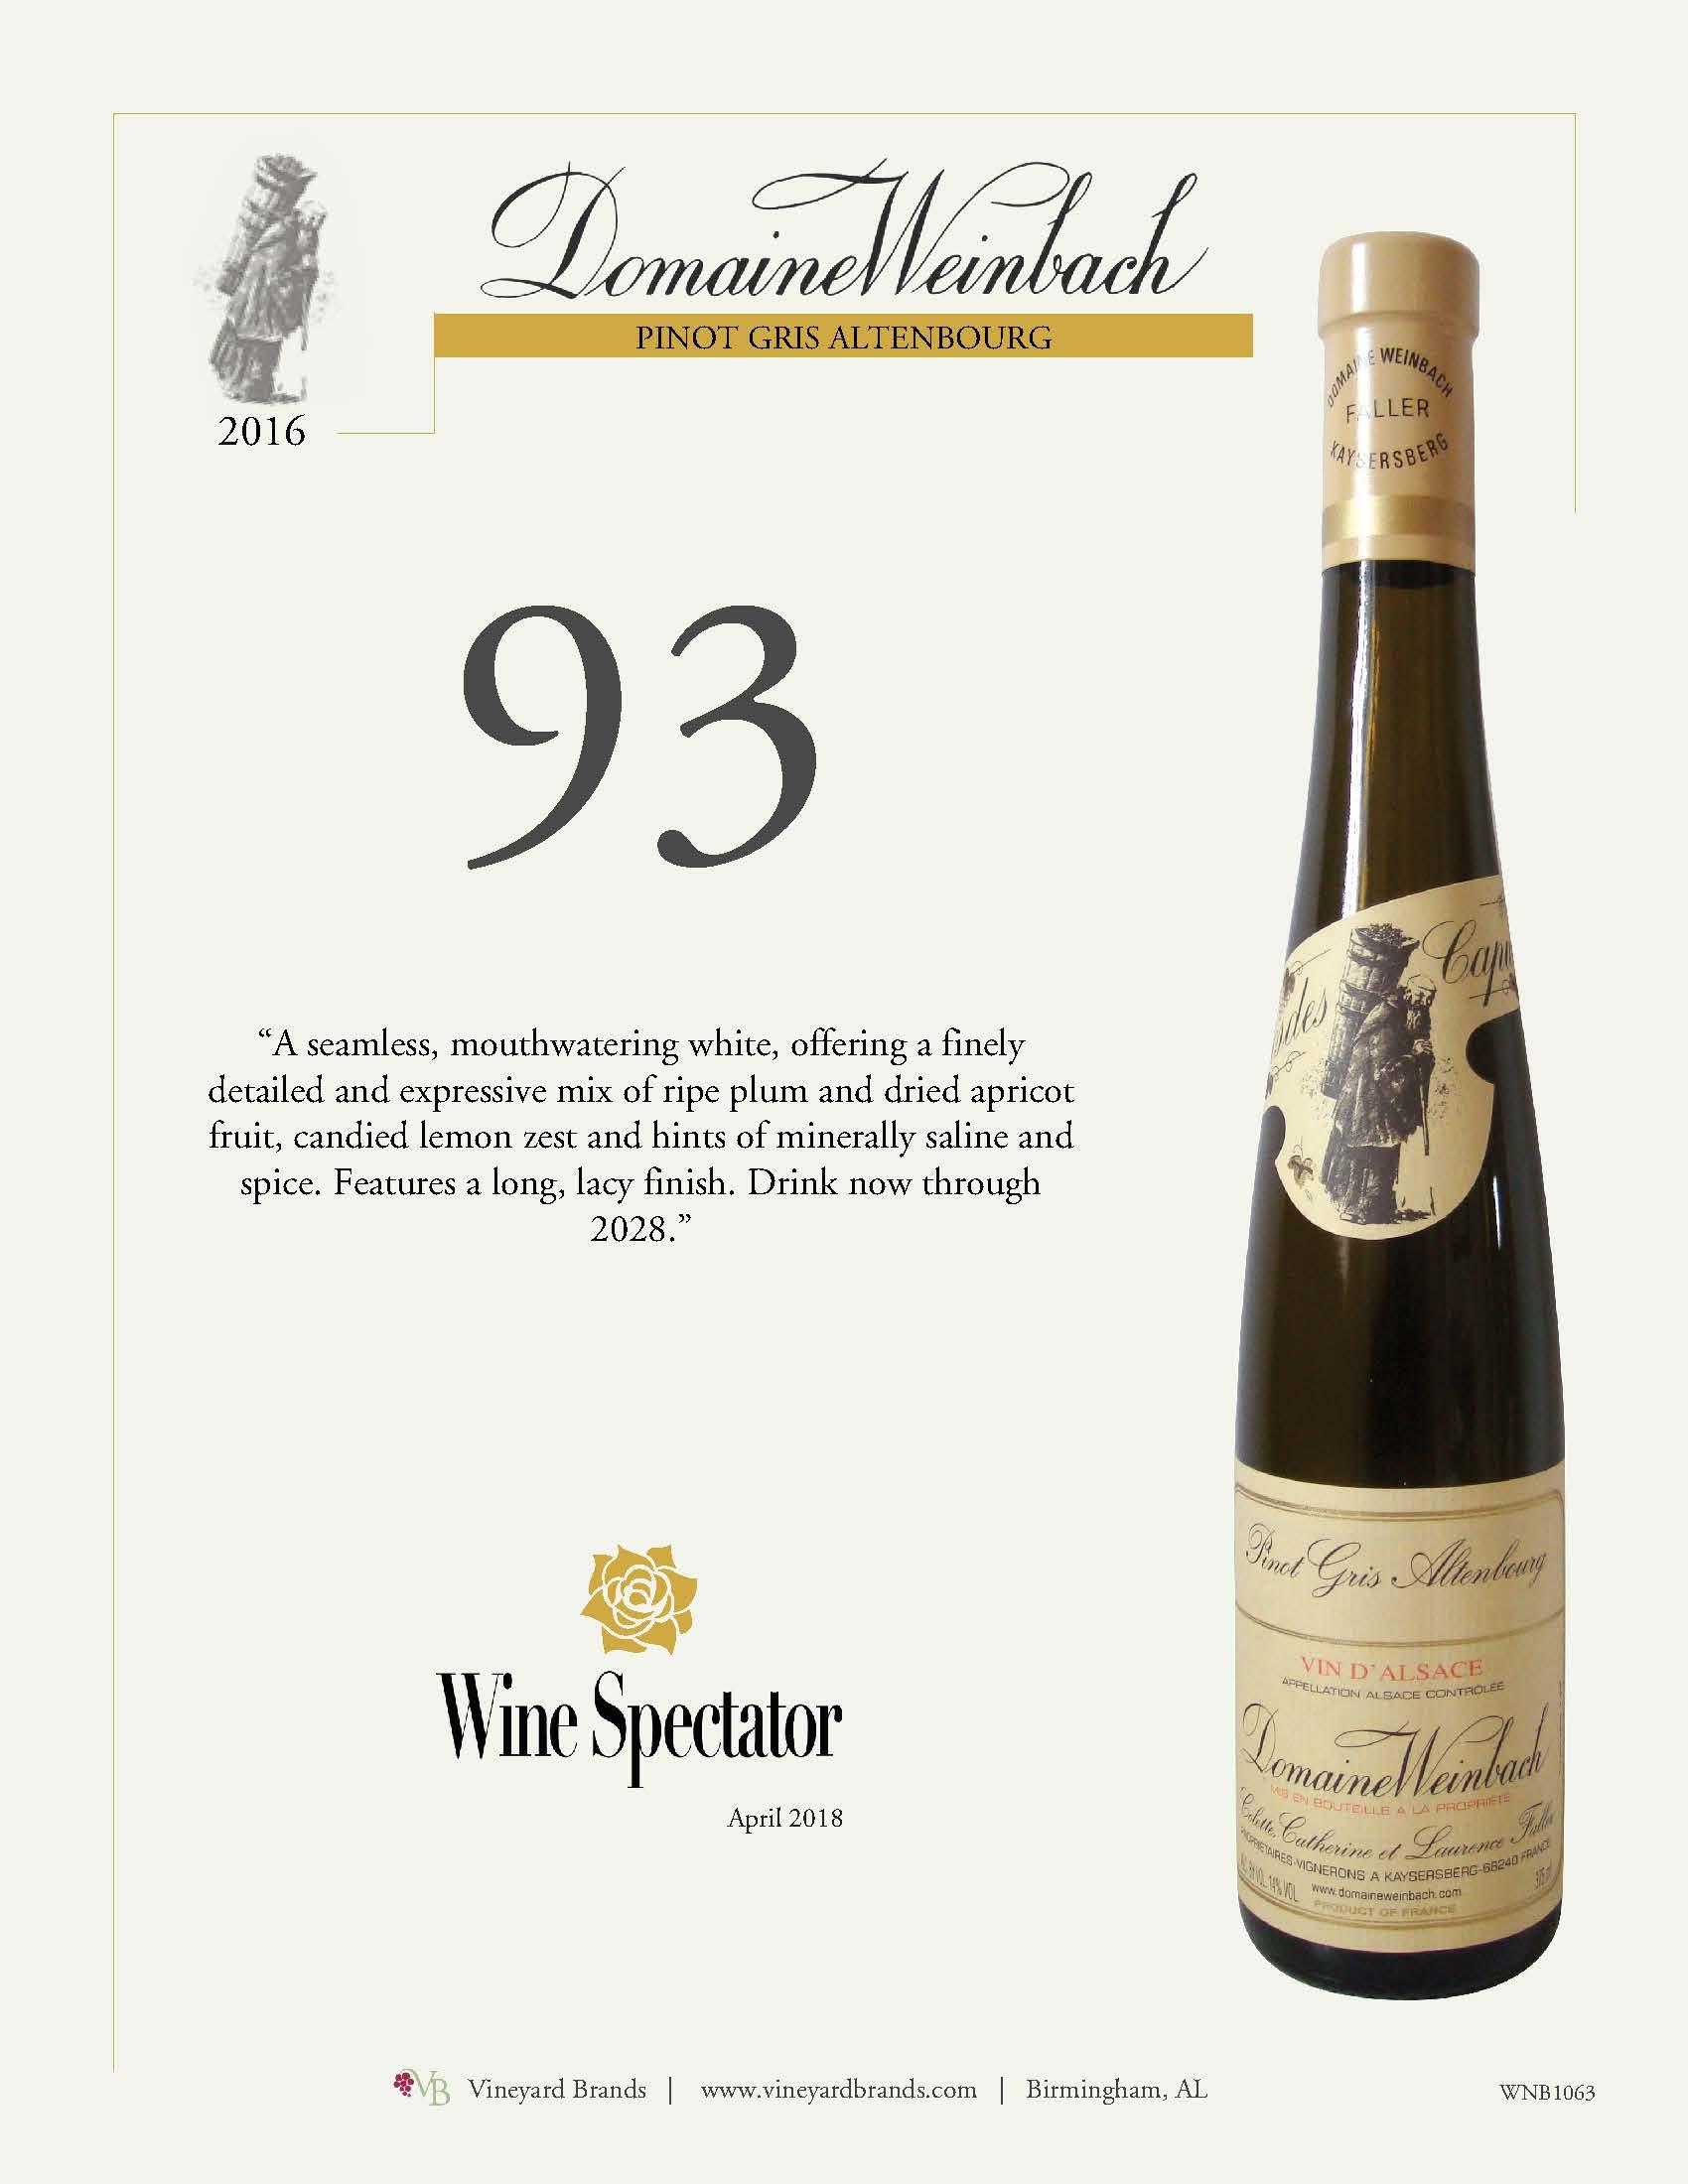 Weinbach Pinot Gris Altenbourg 2016.jpg